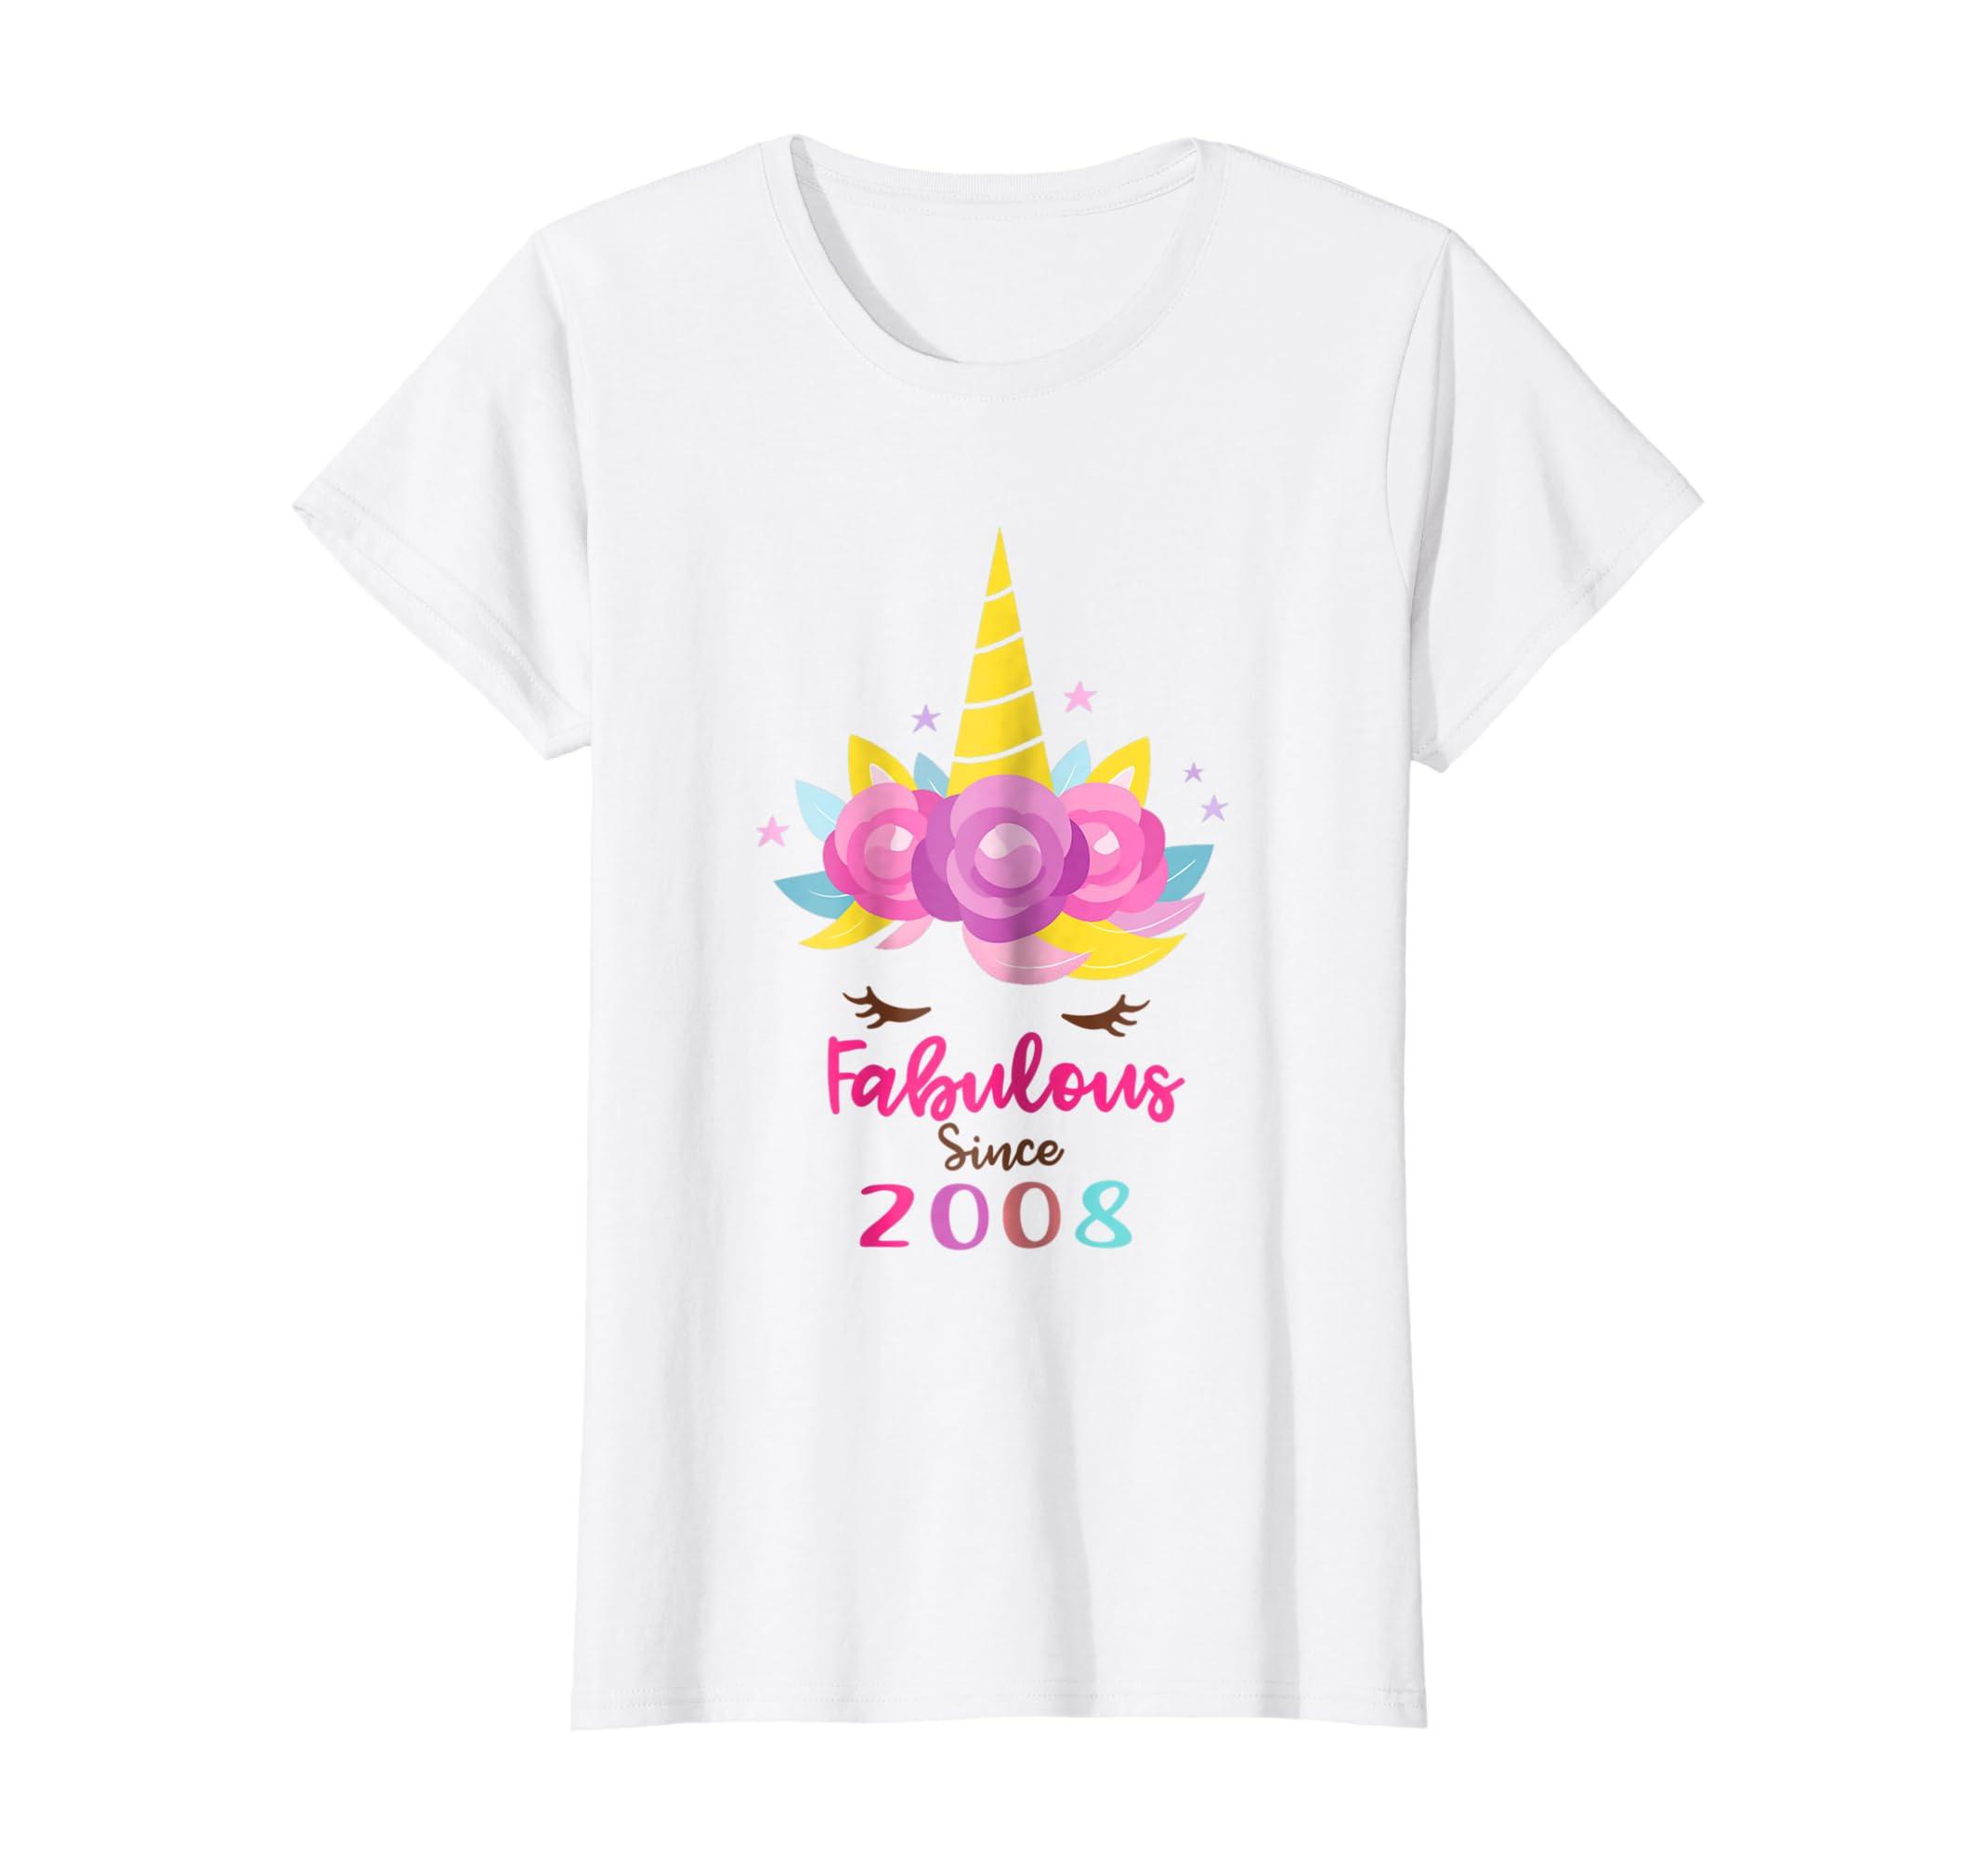 Amazon Unicorn Face Fabulous Since 2008 Birthday Shirt 10 Years Old Clothing